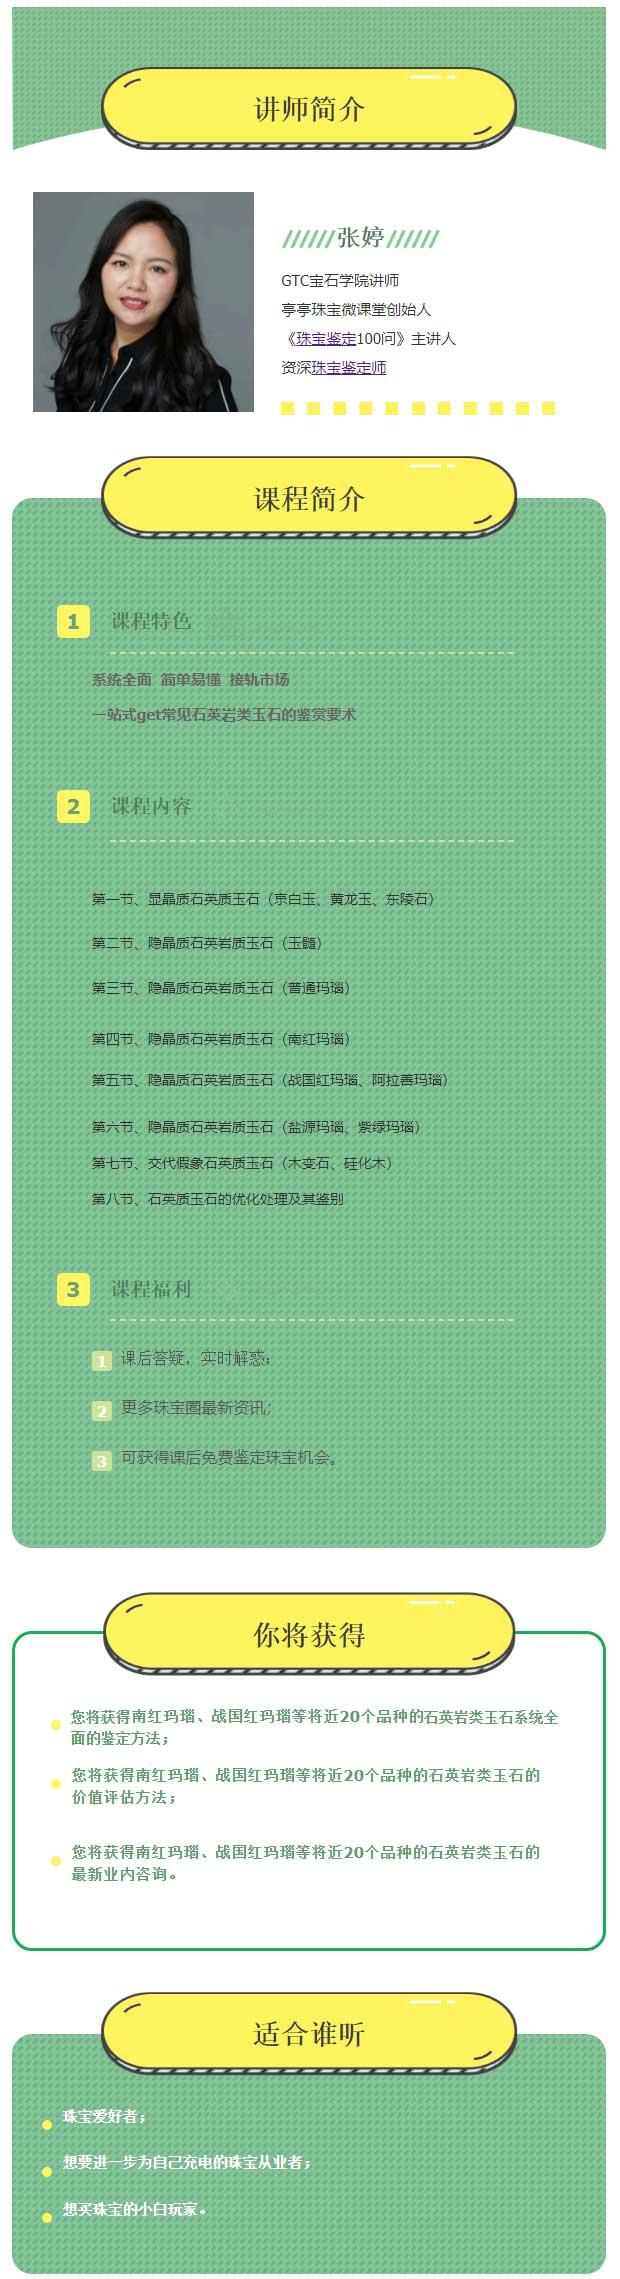 石英岩类玉石鉴定与商贸课程---珠宝玉石鉴定师培训学校-翡翠和田课程学习班-GTC宝石学院(北京)